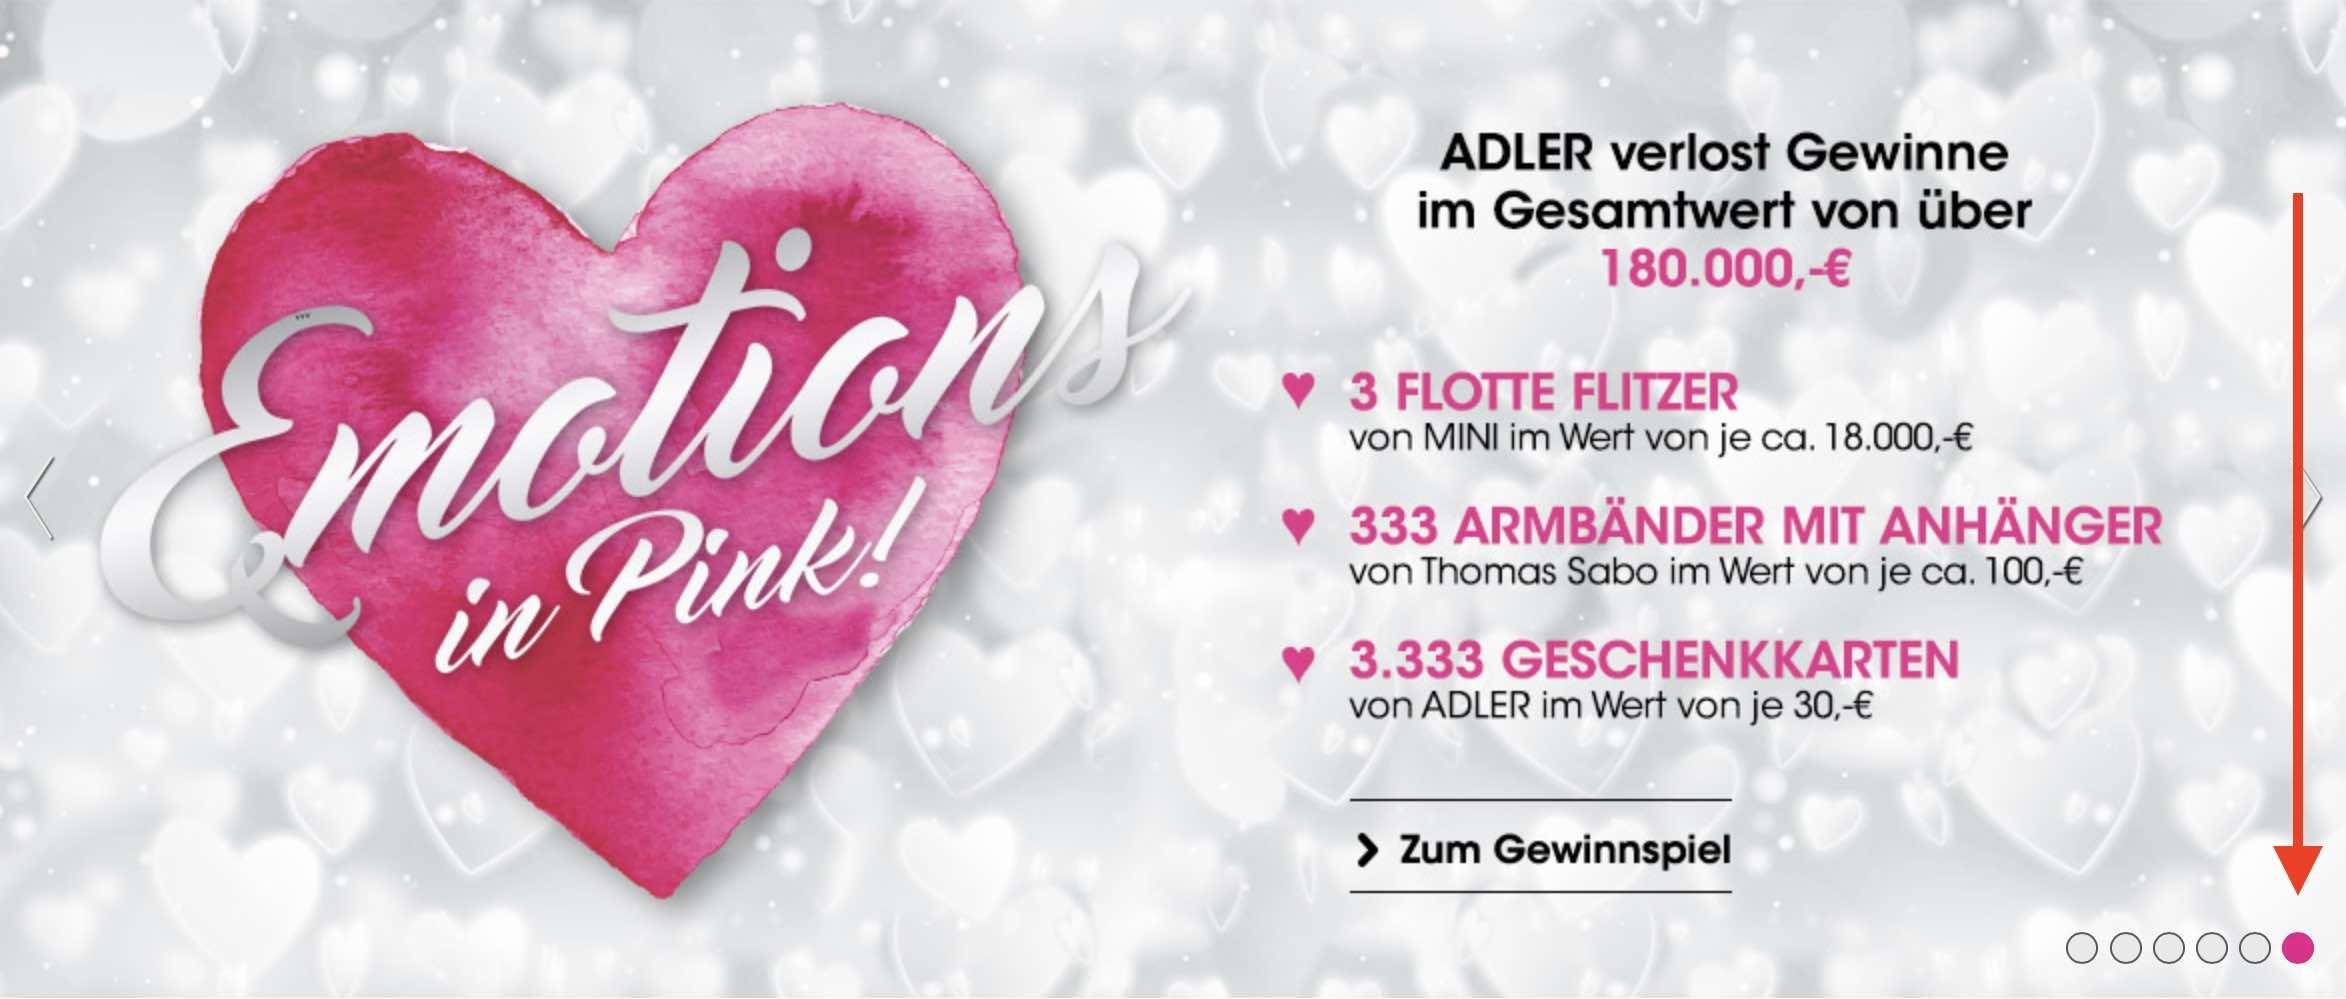 """Das Modehaus Adler verlost beim """"Emotions in Pink"""" Gewinnspiel 3 Mini Cooper und viele weitere tolle Preise. Das Beste: Jeder gewinnt!"""